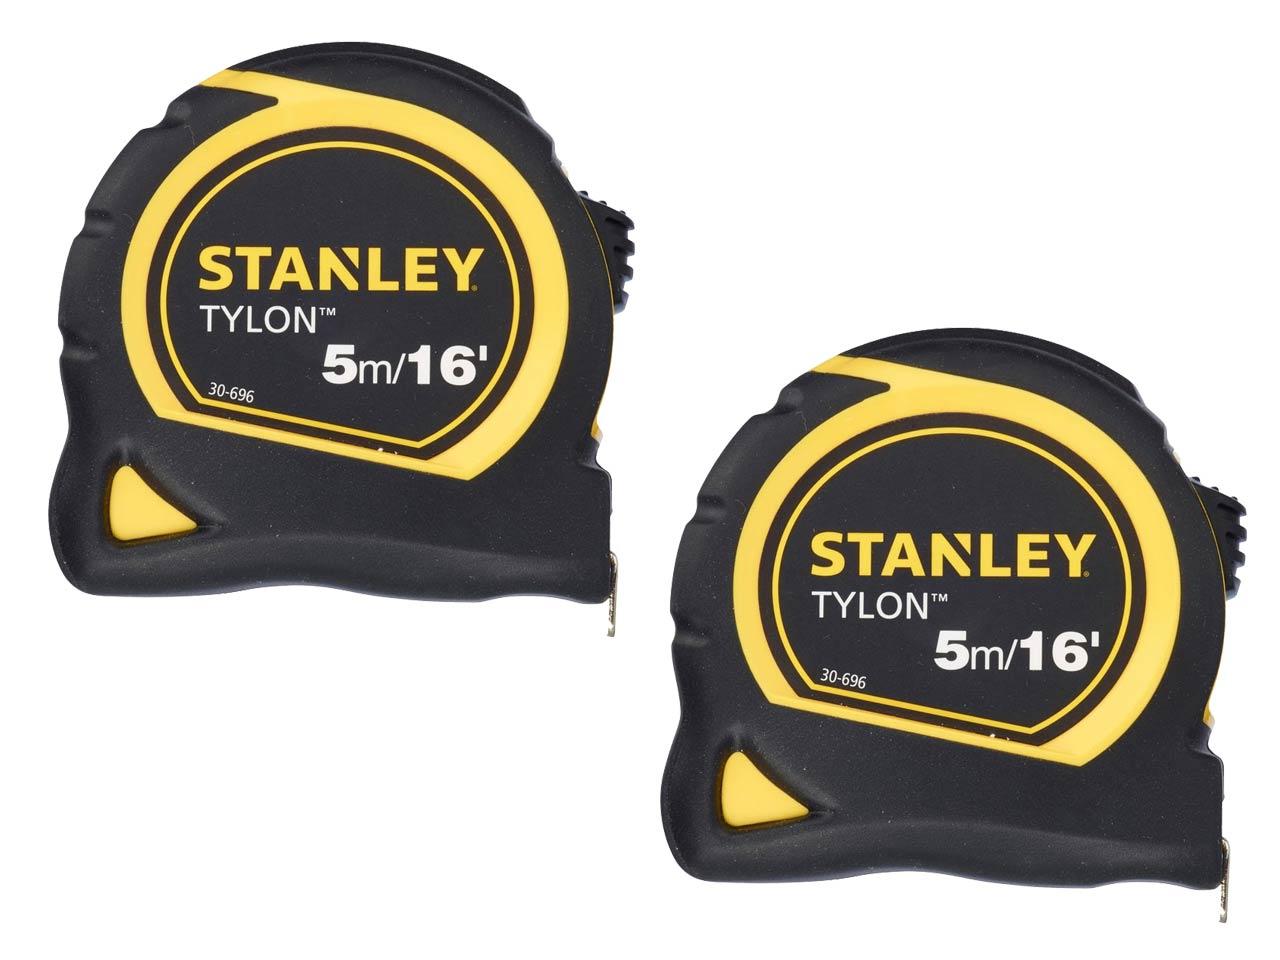 Stanley_STA030696X2.jpg